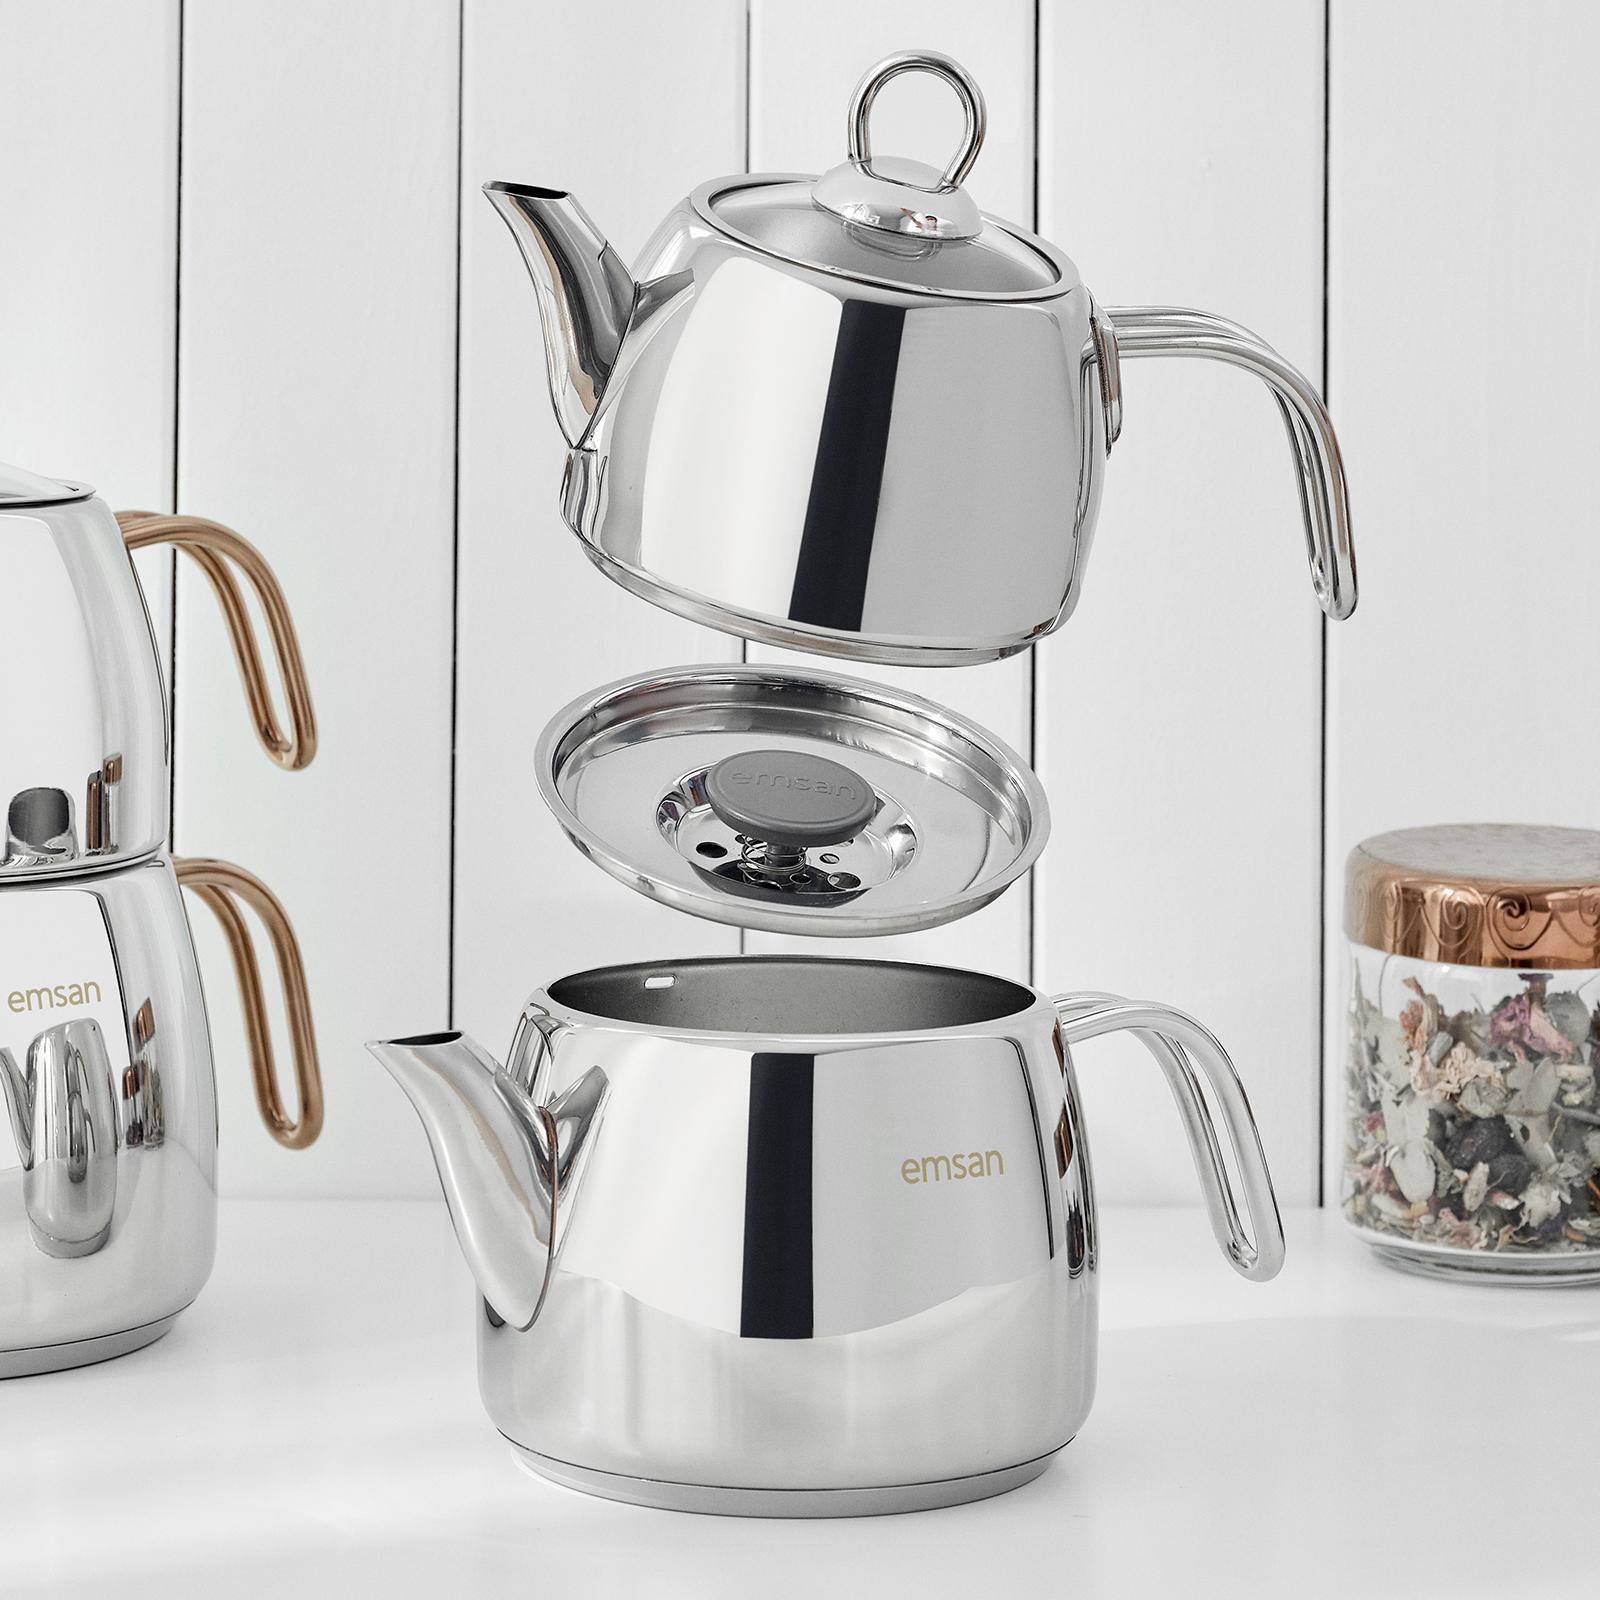 Emsan Soft (L) İndüksiyon Tabanlı Çaydanlık Takımı